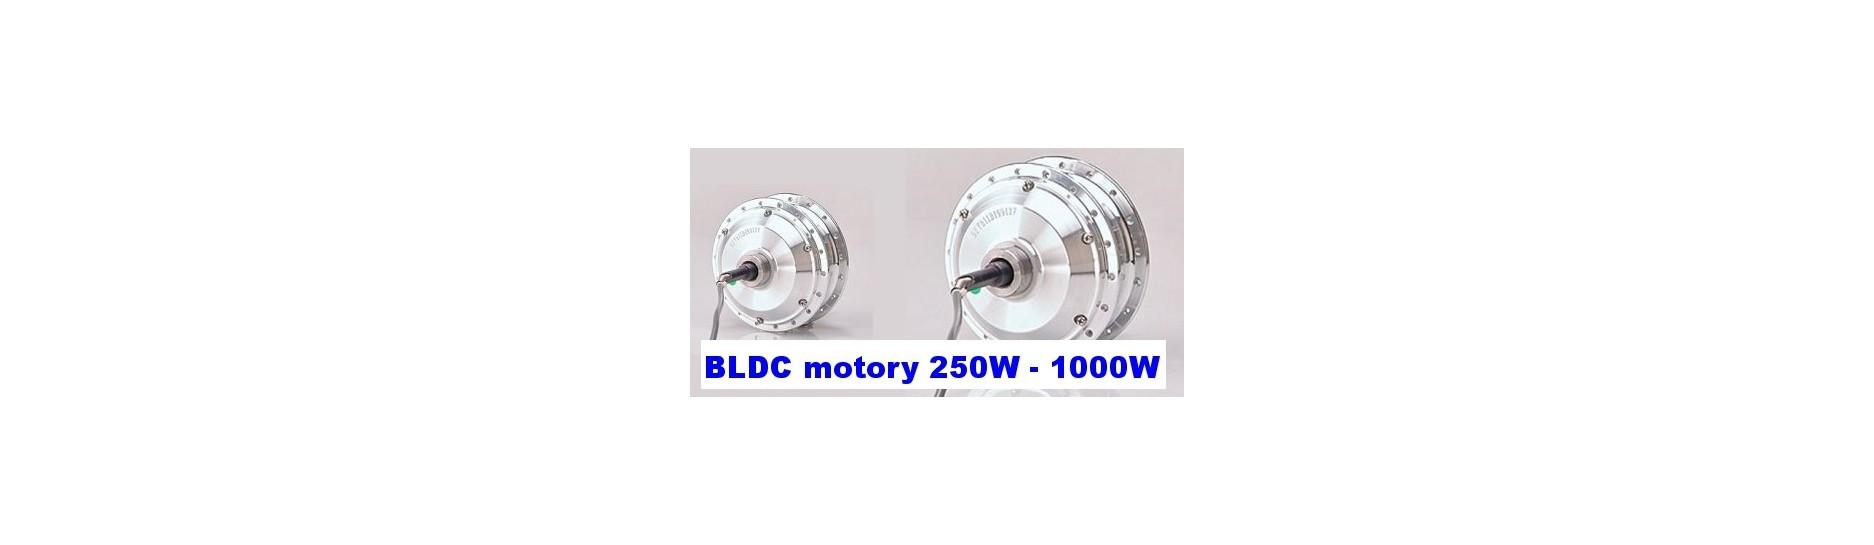 bldc motory elektrická kola ebike evbike 250W 500W 750W 1000W